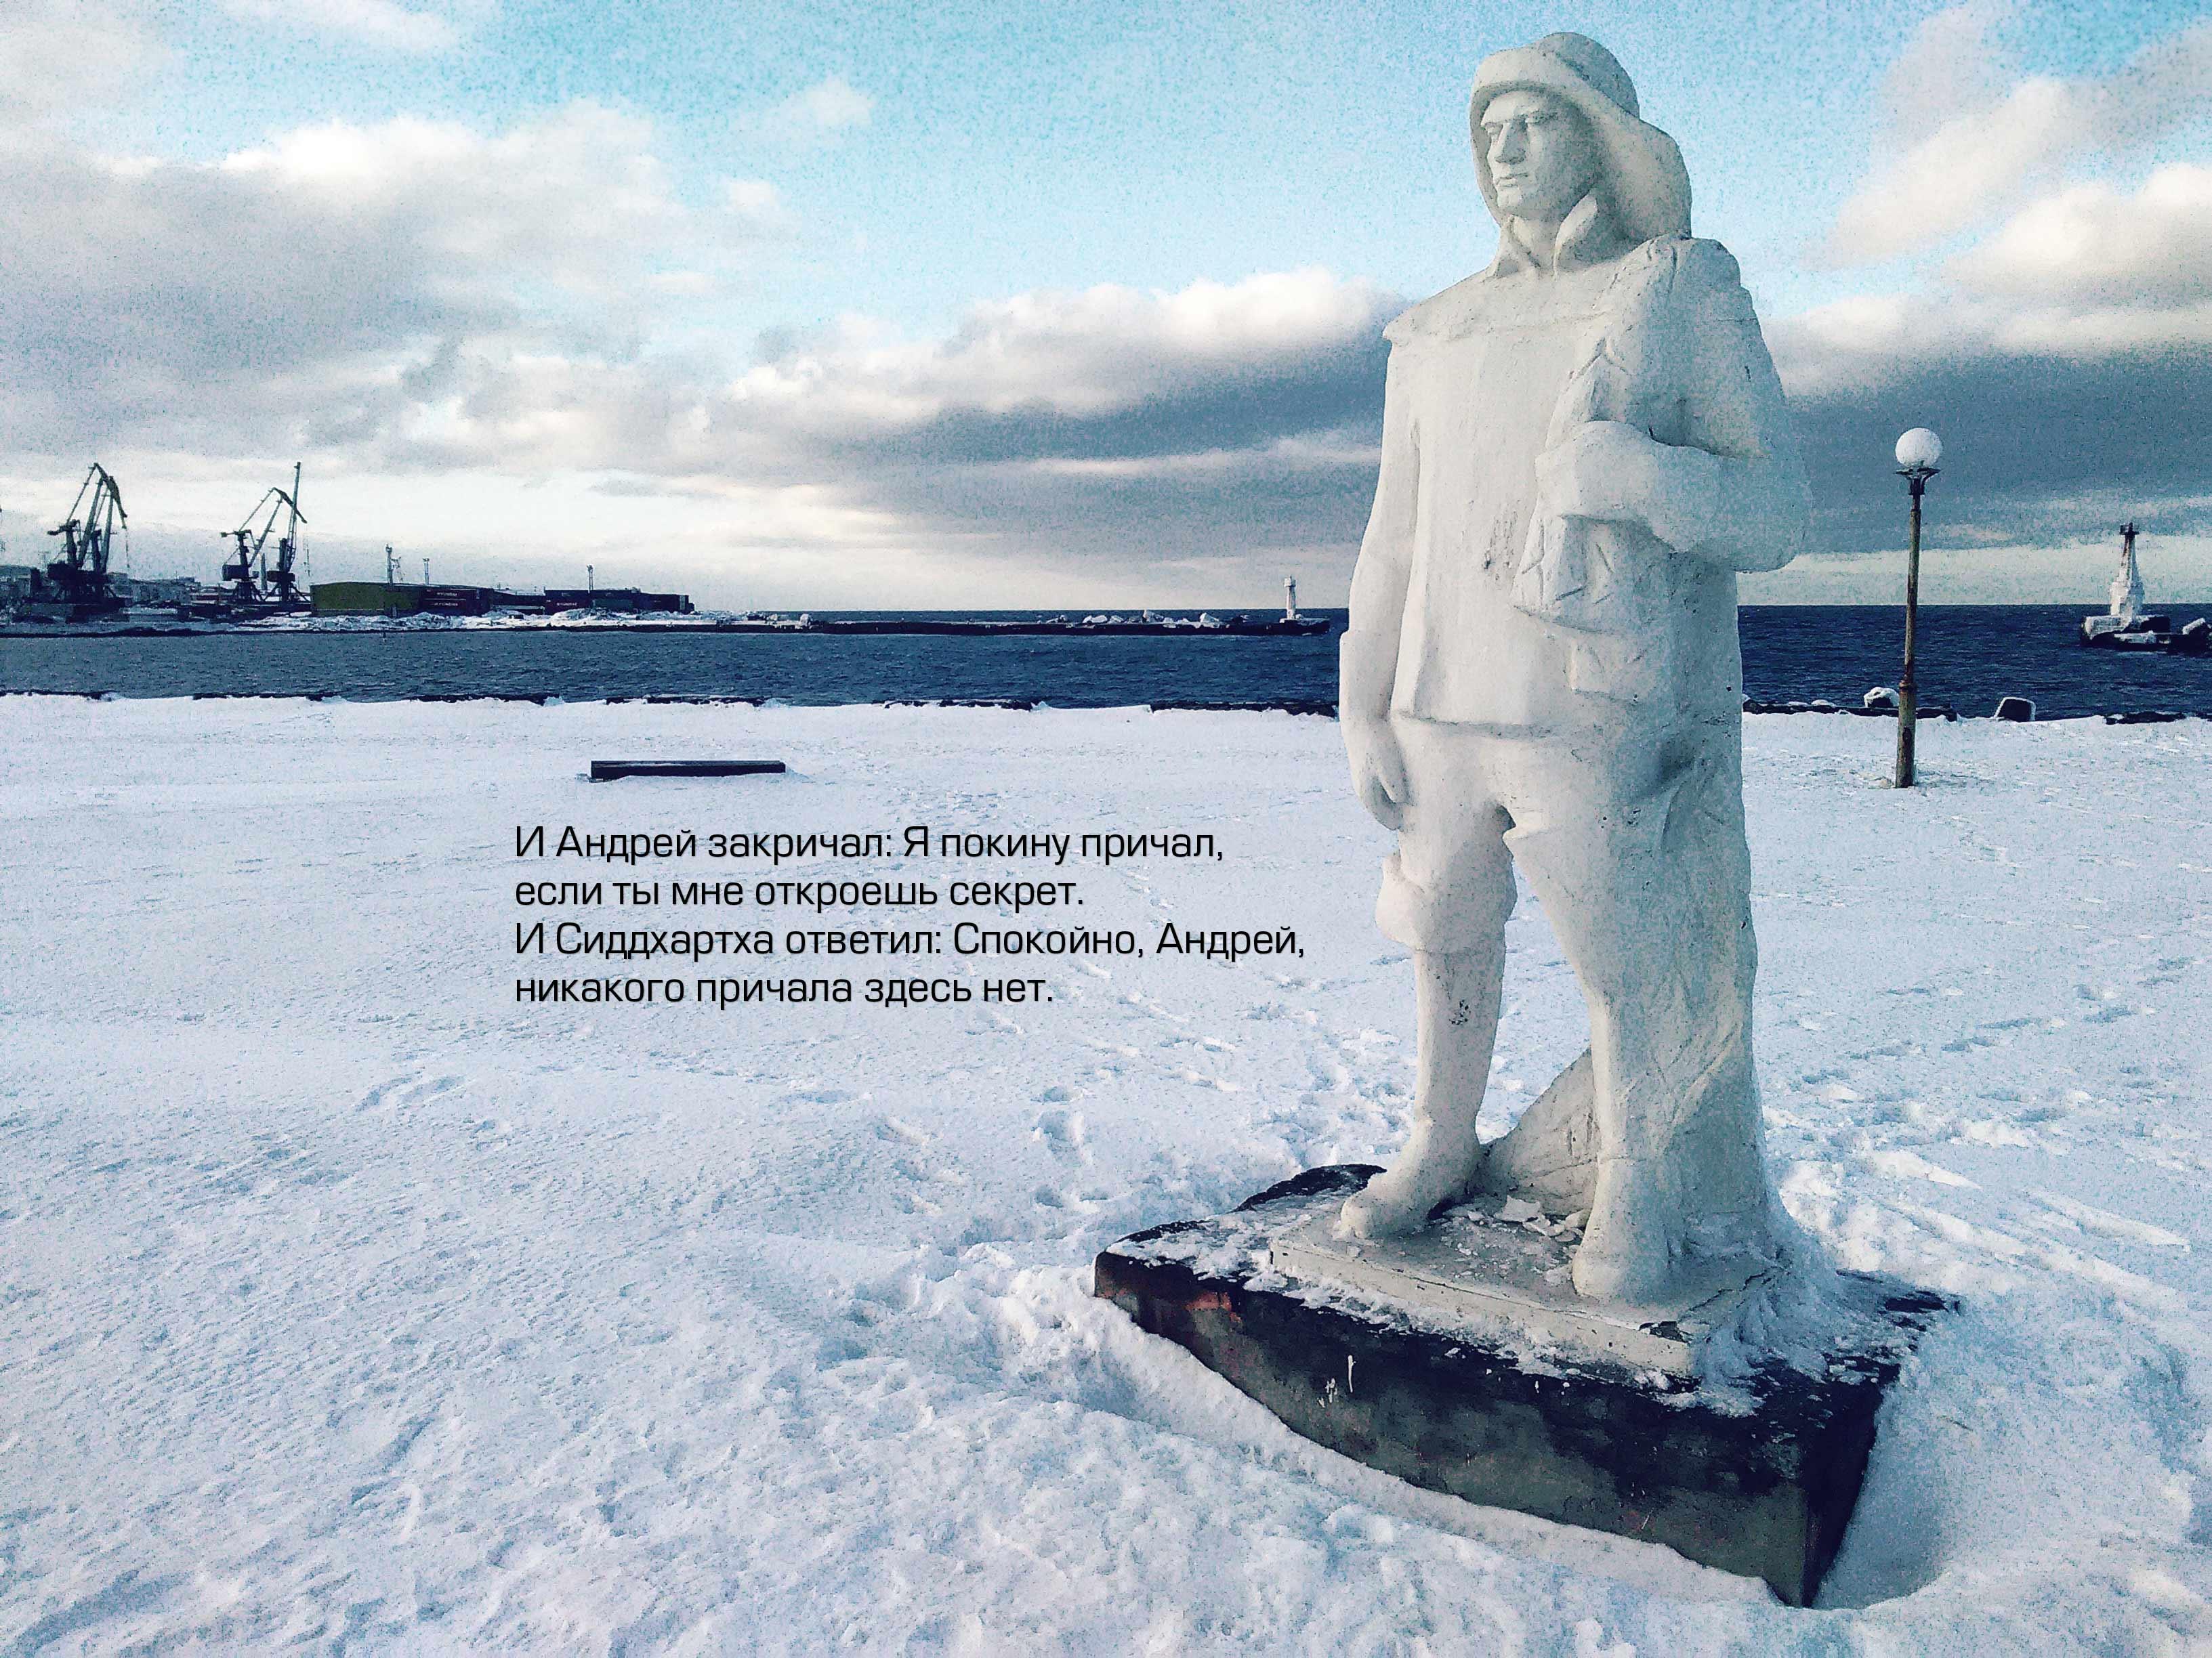 besprosvet_16